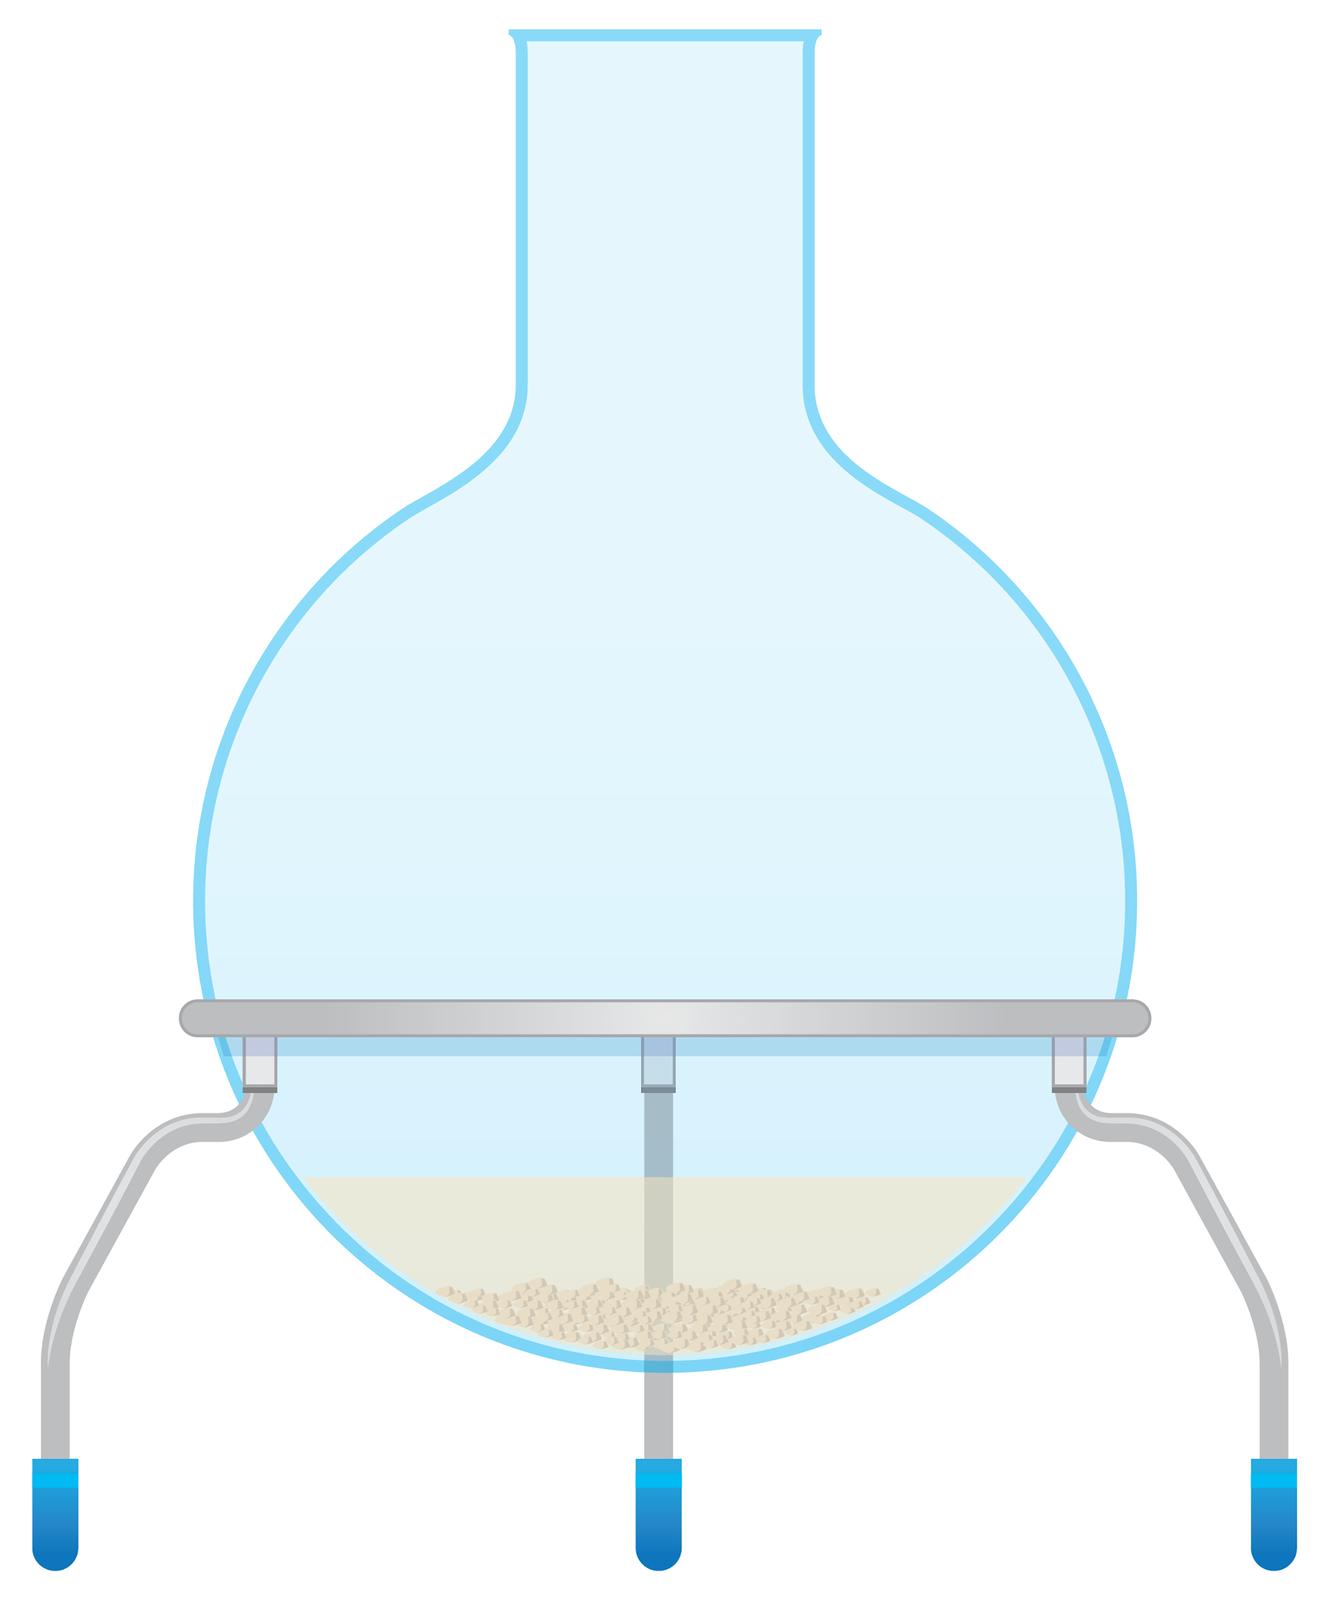 Ilustracja przedstawia rysunek kolby zkulistym dnem stojącej na trójnożnym stojaku metalowym. Wkolbie znajduje się niewielka ilość żółtawego roztworu, ana dnie wydzielone żółtawe grudki, czyli kryształki wytrąconej substancji.